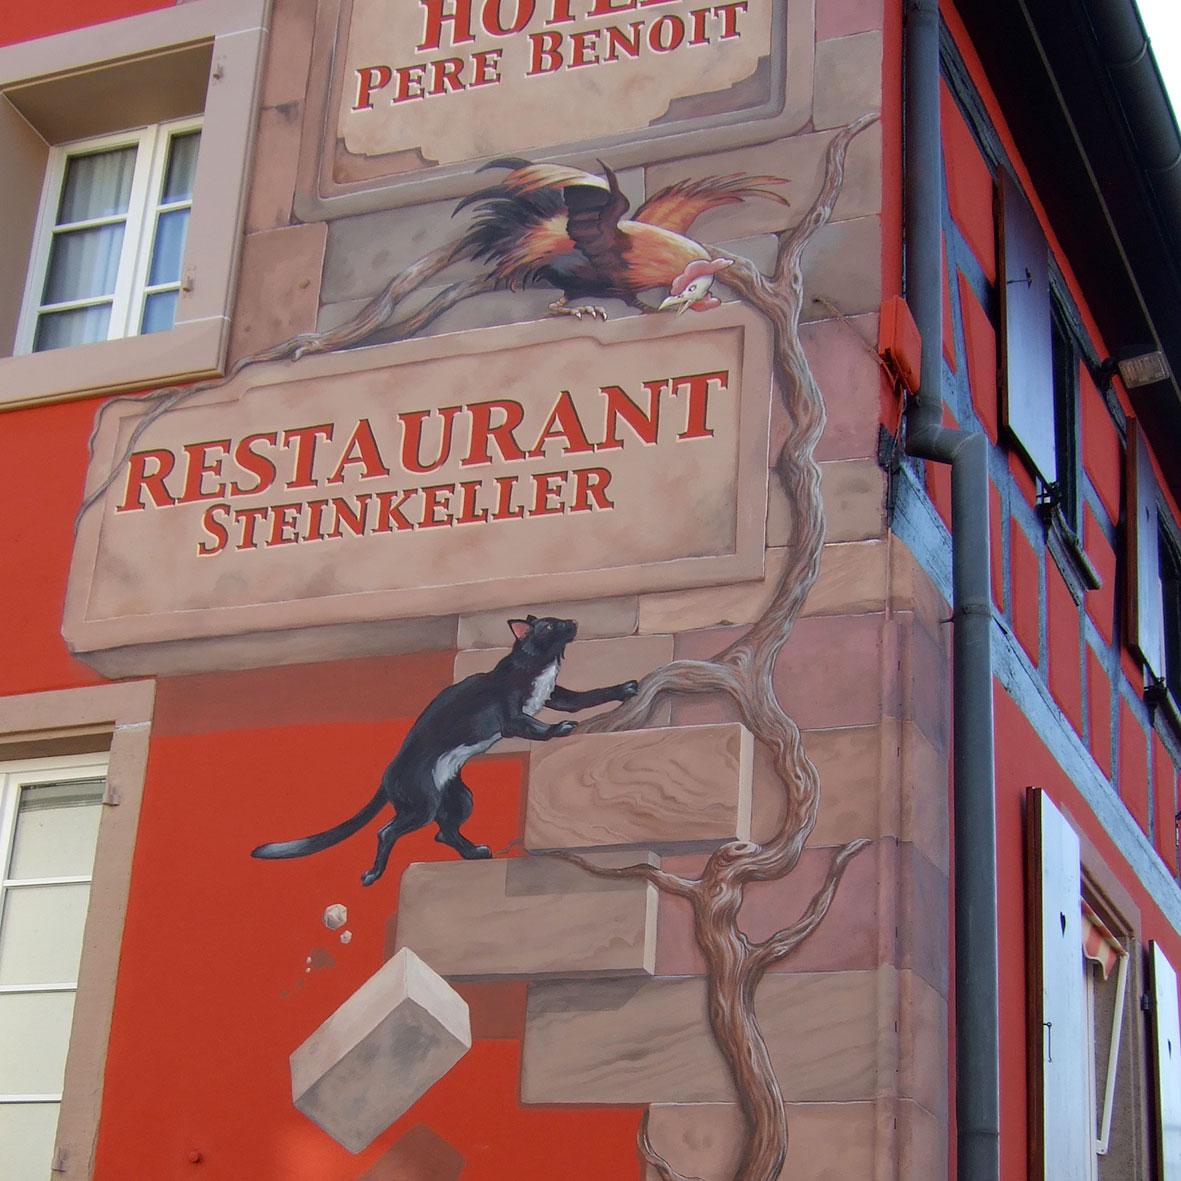 Hôtel Père Benoit, Steinkeller à Entzheim. Fresque de Roland Perret. illusions-murales.com